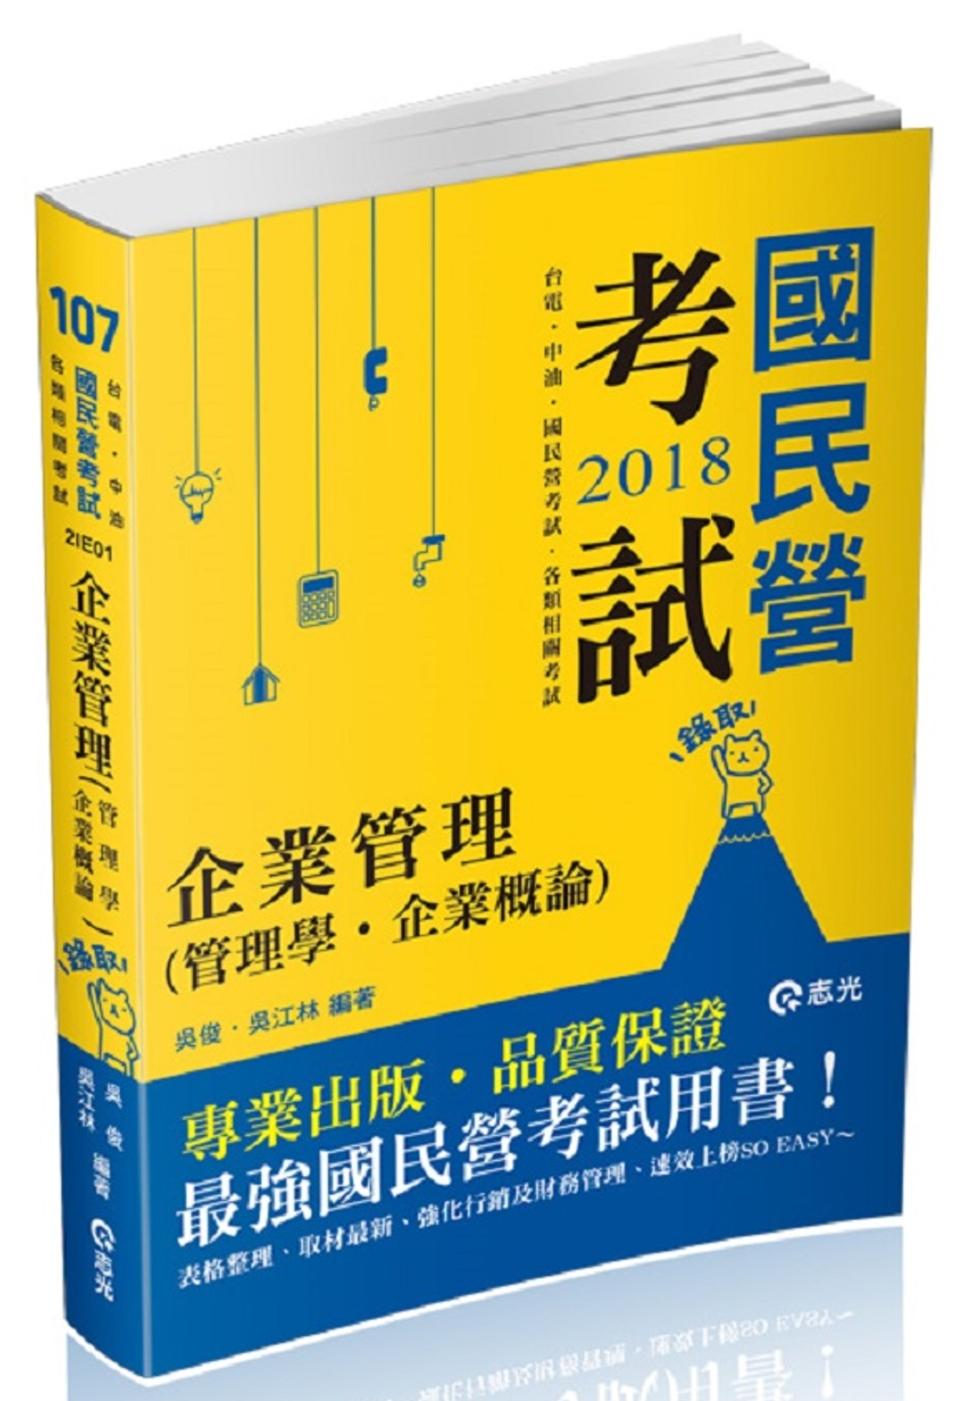 《企業管理(管理學。企業概論)(台電、中油、國民營考試、各類特考考試適用)》 商品條碼,ISBN:9789864972777